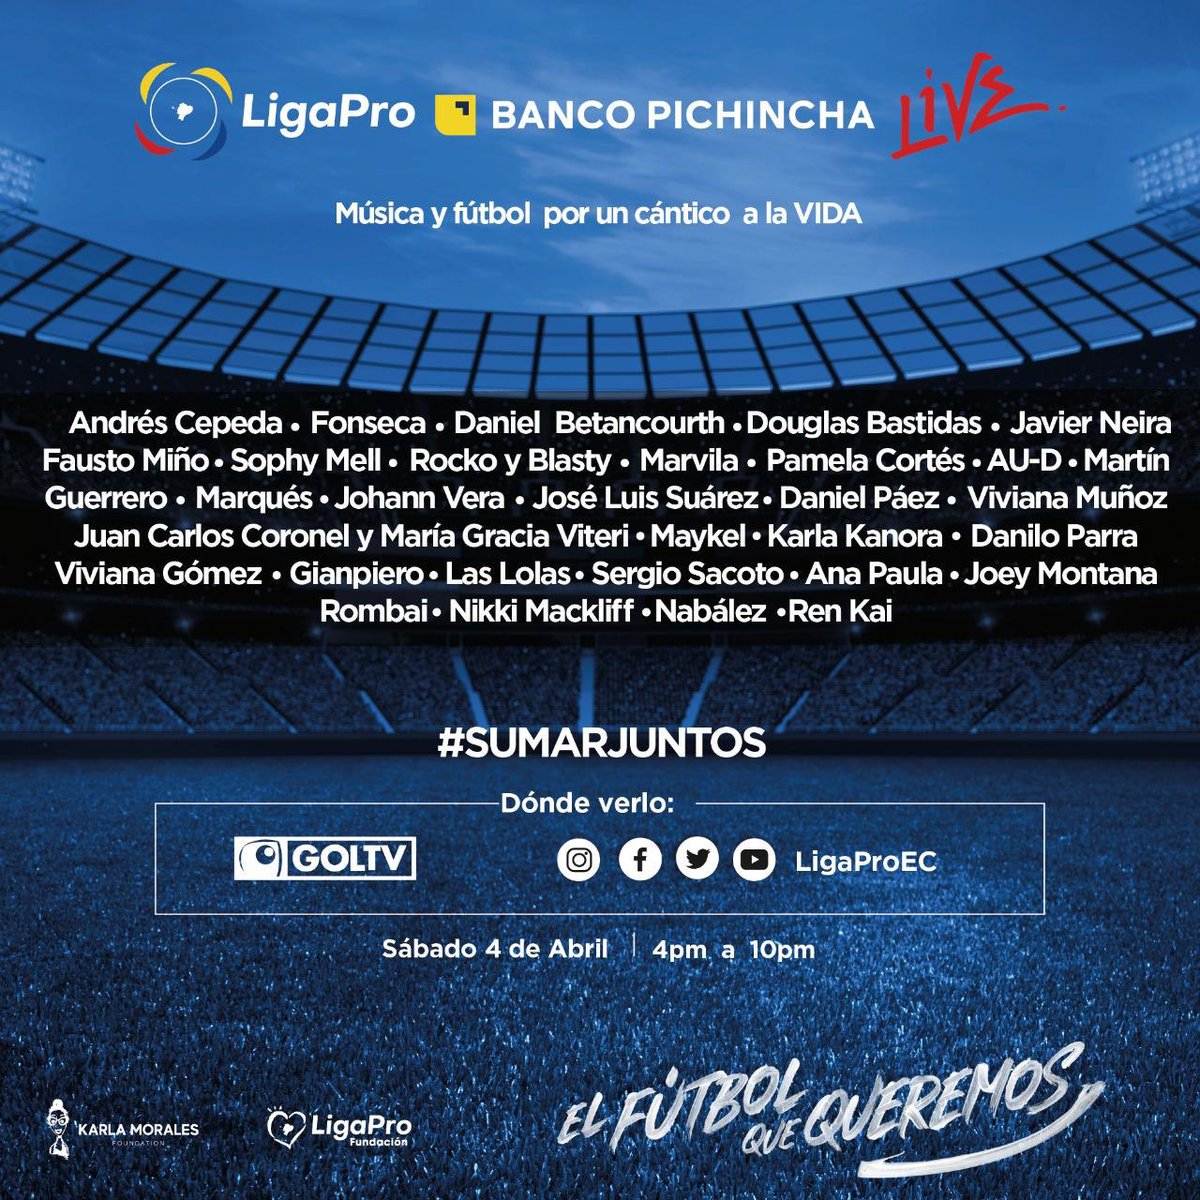 Todos unidos a partir de las 16:00pm en Concierto Solidario de LigaPro Banco Pichincha Live. Tú y las personas que invites se pueden conectar al  link https://t.co/LYt6wse8uR #SumarJuntos @BancoPichincha #QuedateEnCasa 🙏🙏💛 https://t.co/MkWjK7jq8N